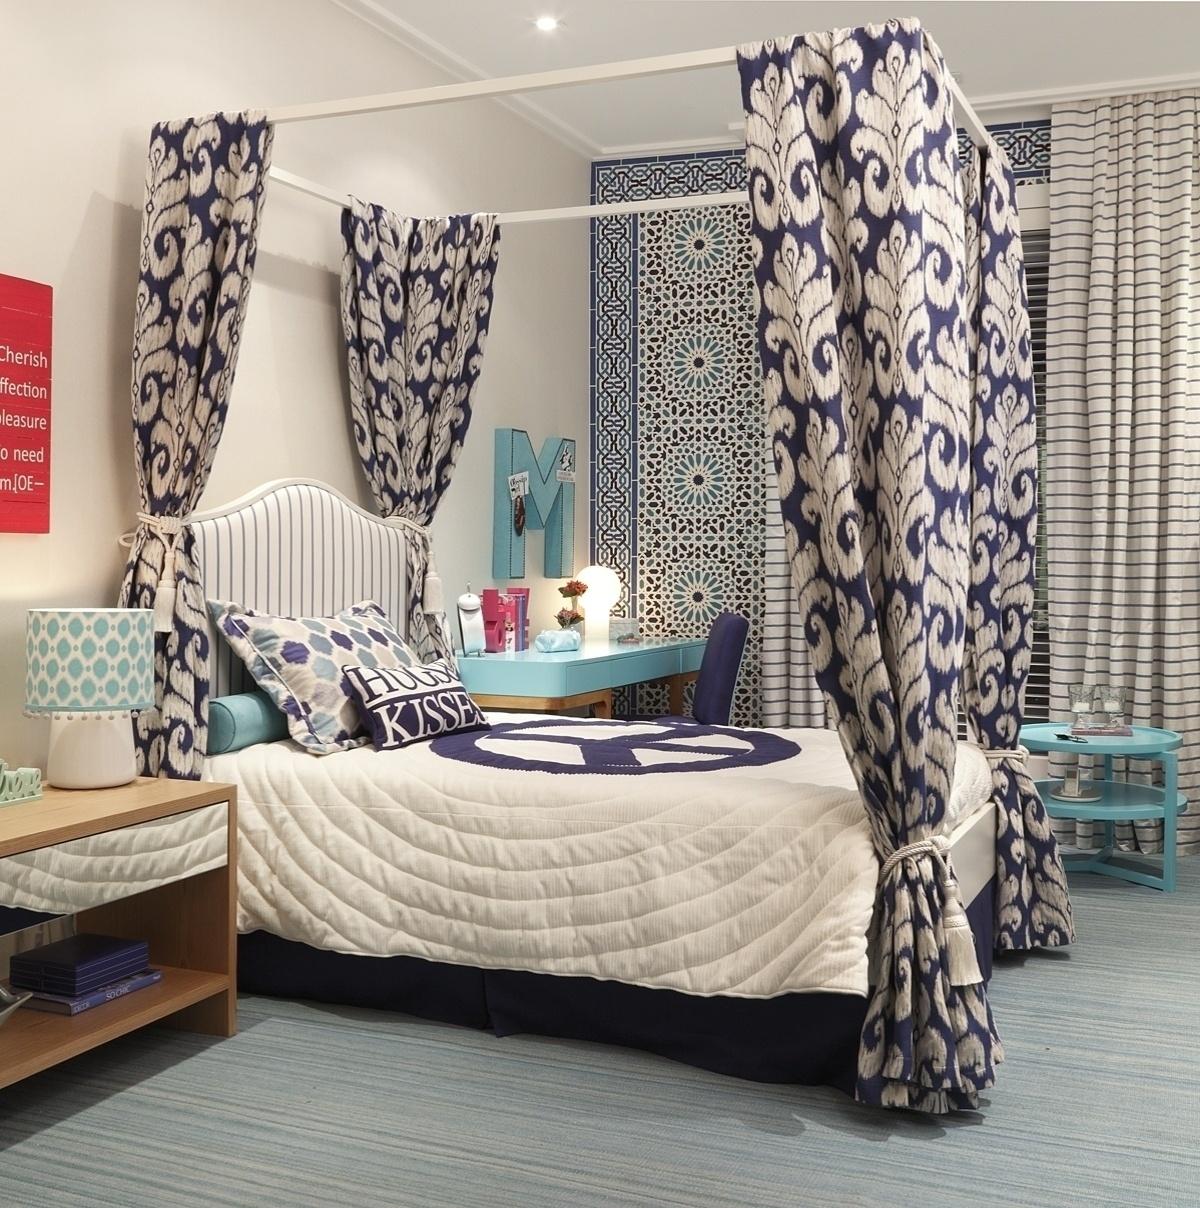 Neste quarto de adolescente, a cama com dossel é recoberta por tecido jacquard com estampa estilo ikat na cor carbono, que harmoniza com o restante da decoração. O projeto é das arquitetas Maria Claudia e Maria Paula Brasil, da Maria Brasil Arquitetura